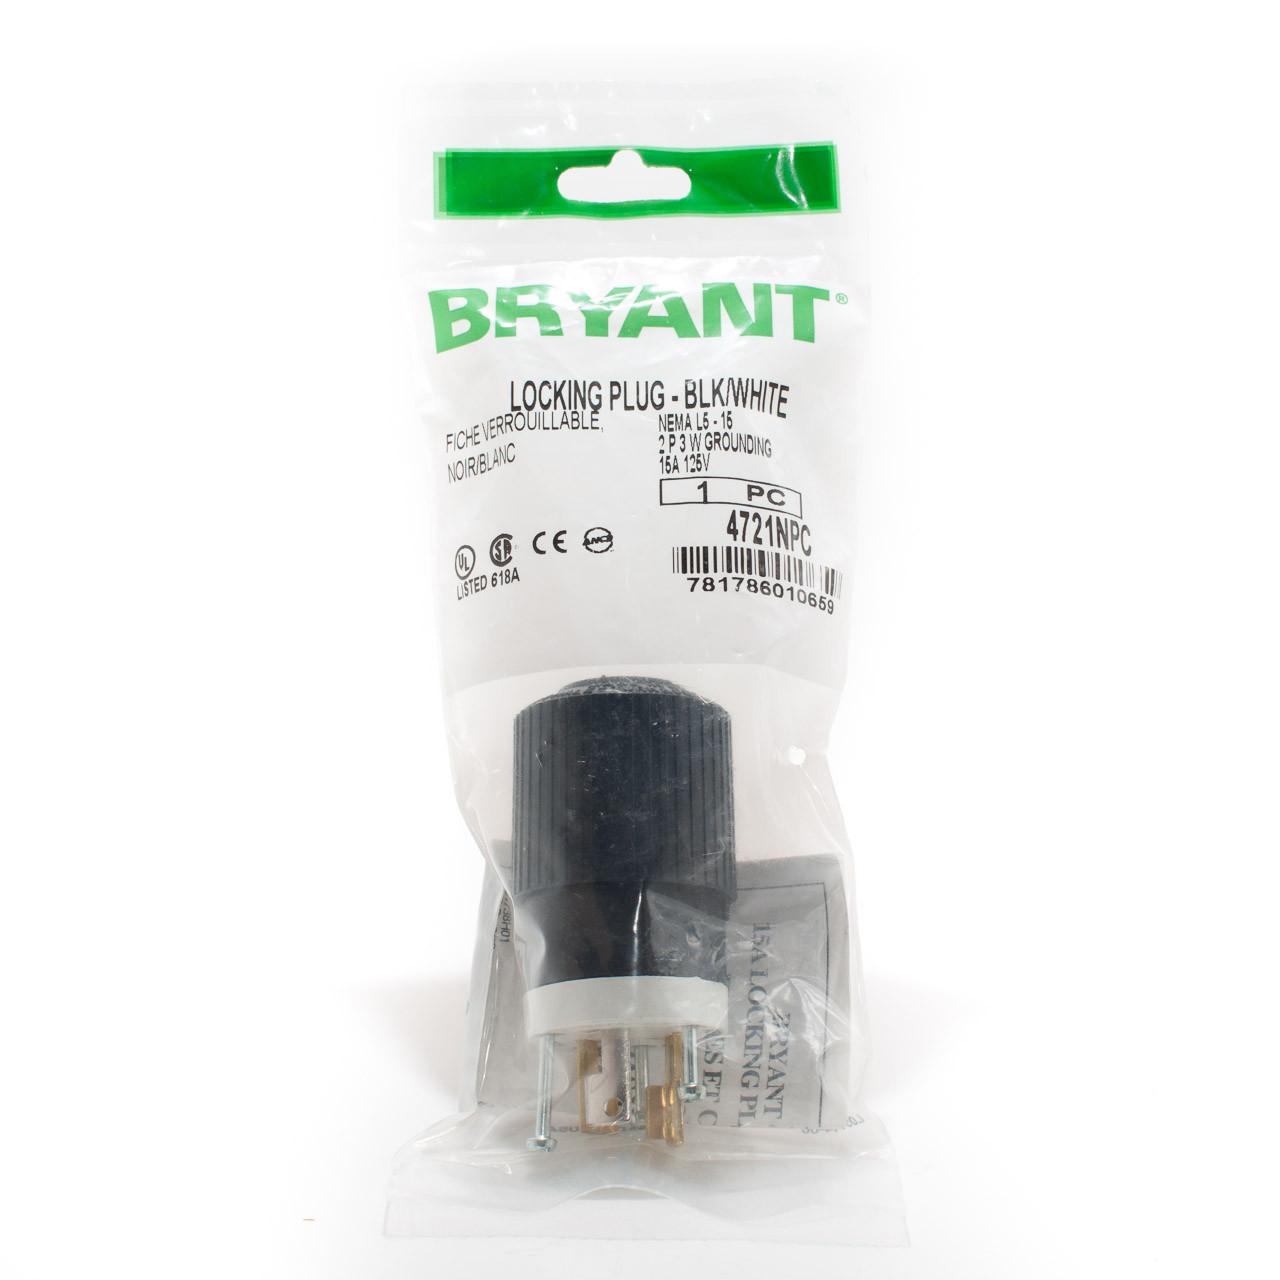 L5-15 2p3w 15a 125v Twist Lock Plug